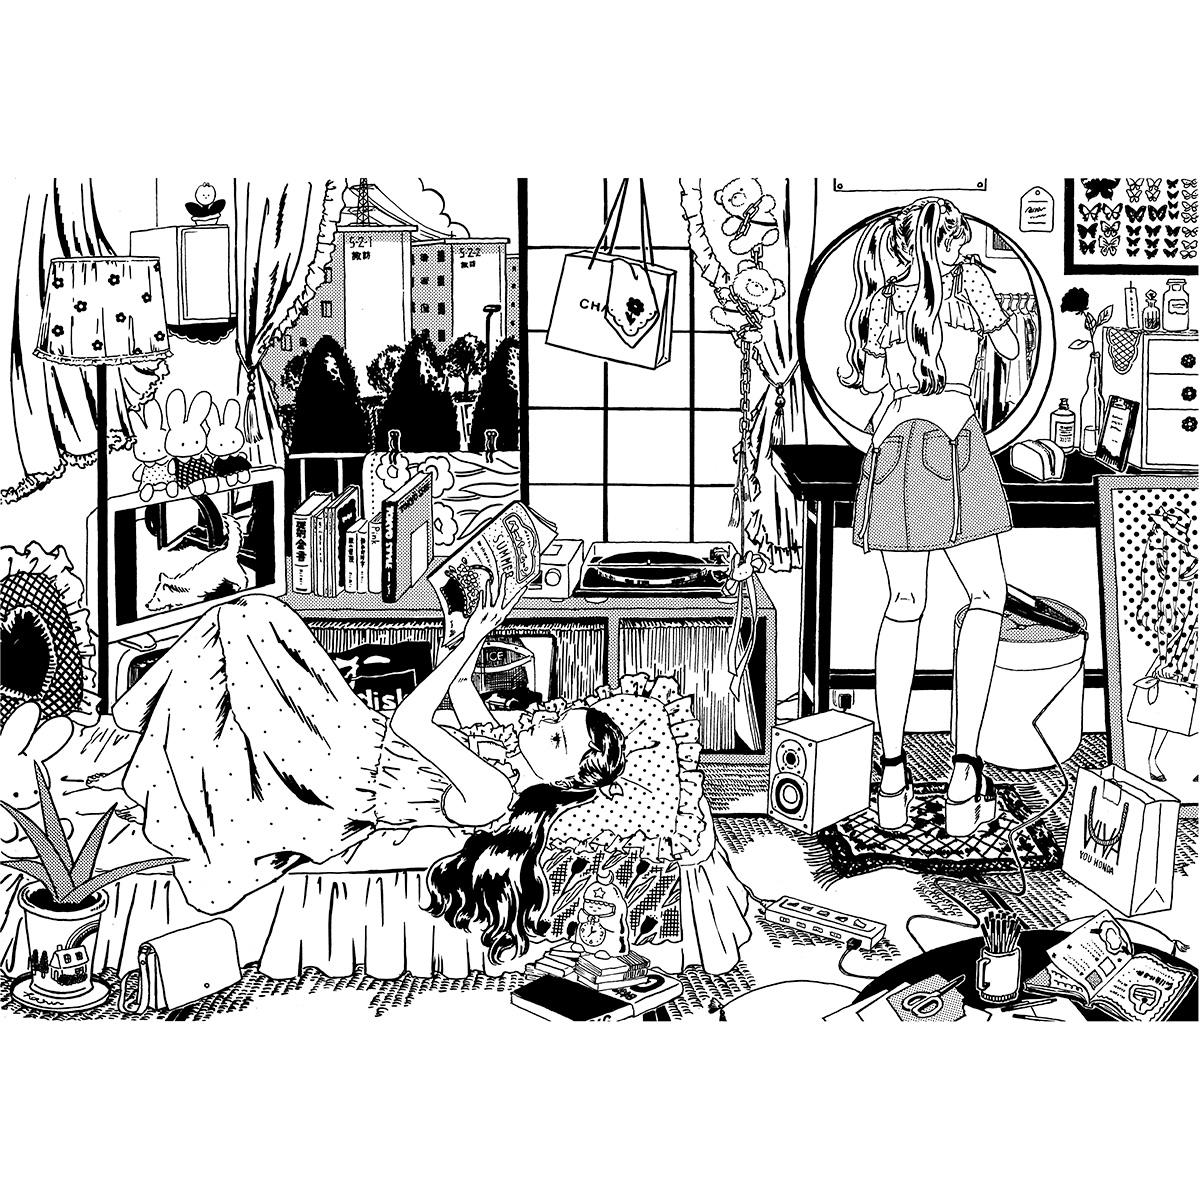 須藤はる奈『どこへも帰らない』――東京のニュータウンが好きです。好きなものでいっぱいの部屋や、その少し遠い延長線上にある街。ありあまる程多くの選択肢をたいらげて、どちらでも籠城して遊んでいるような気持ちで描きました。